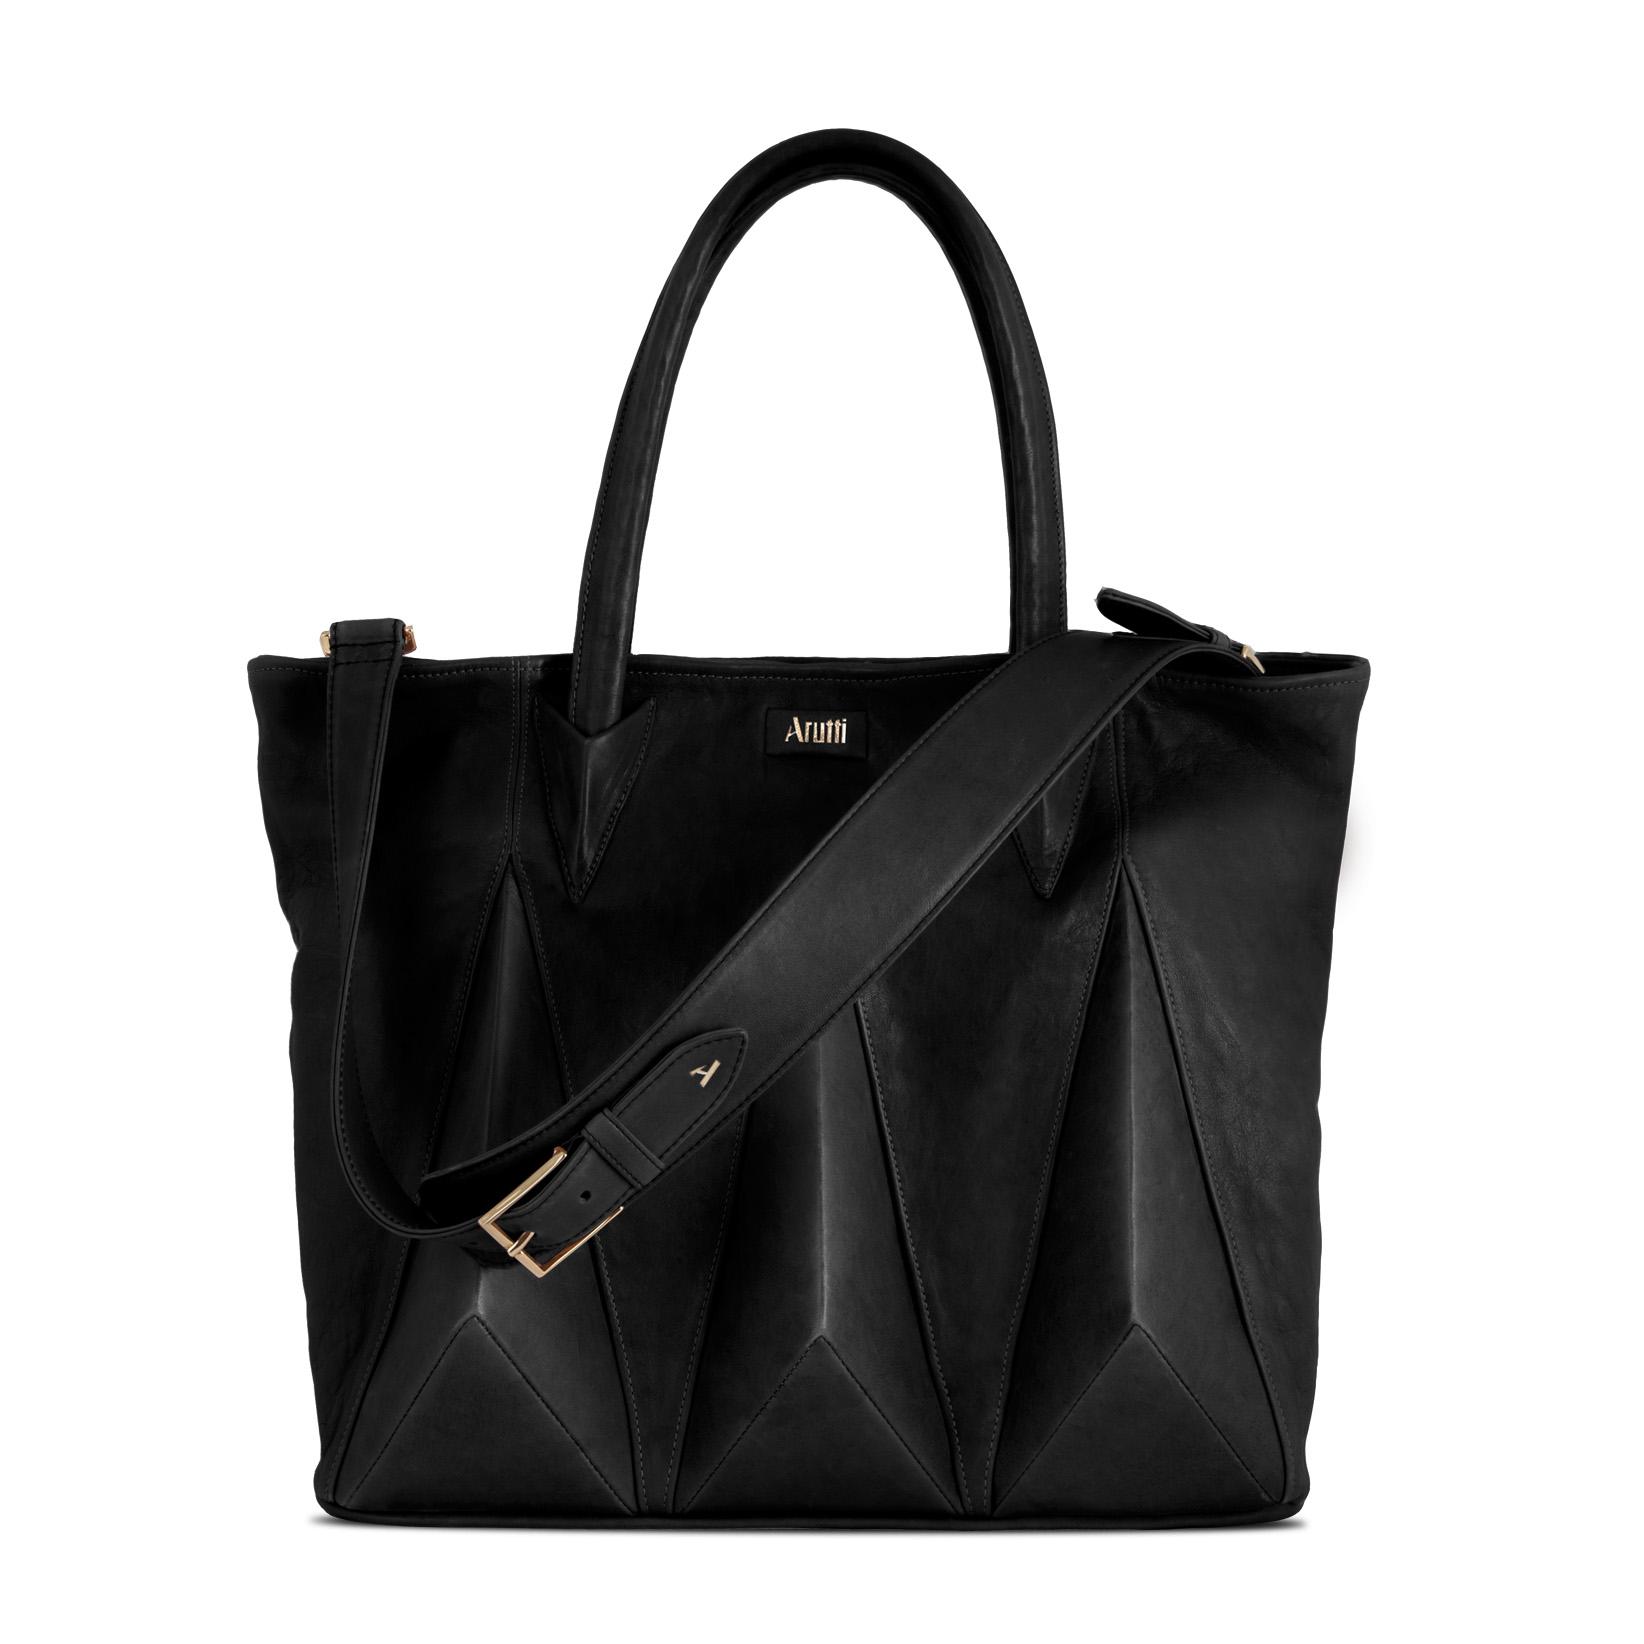 arutti kairo day shopper black bauty